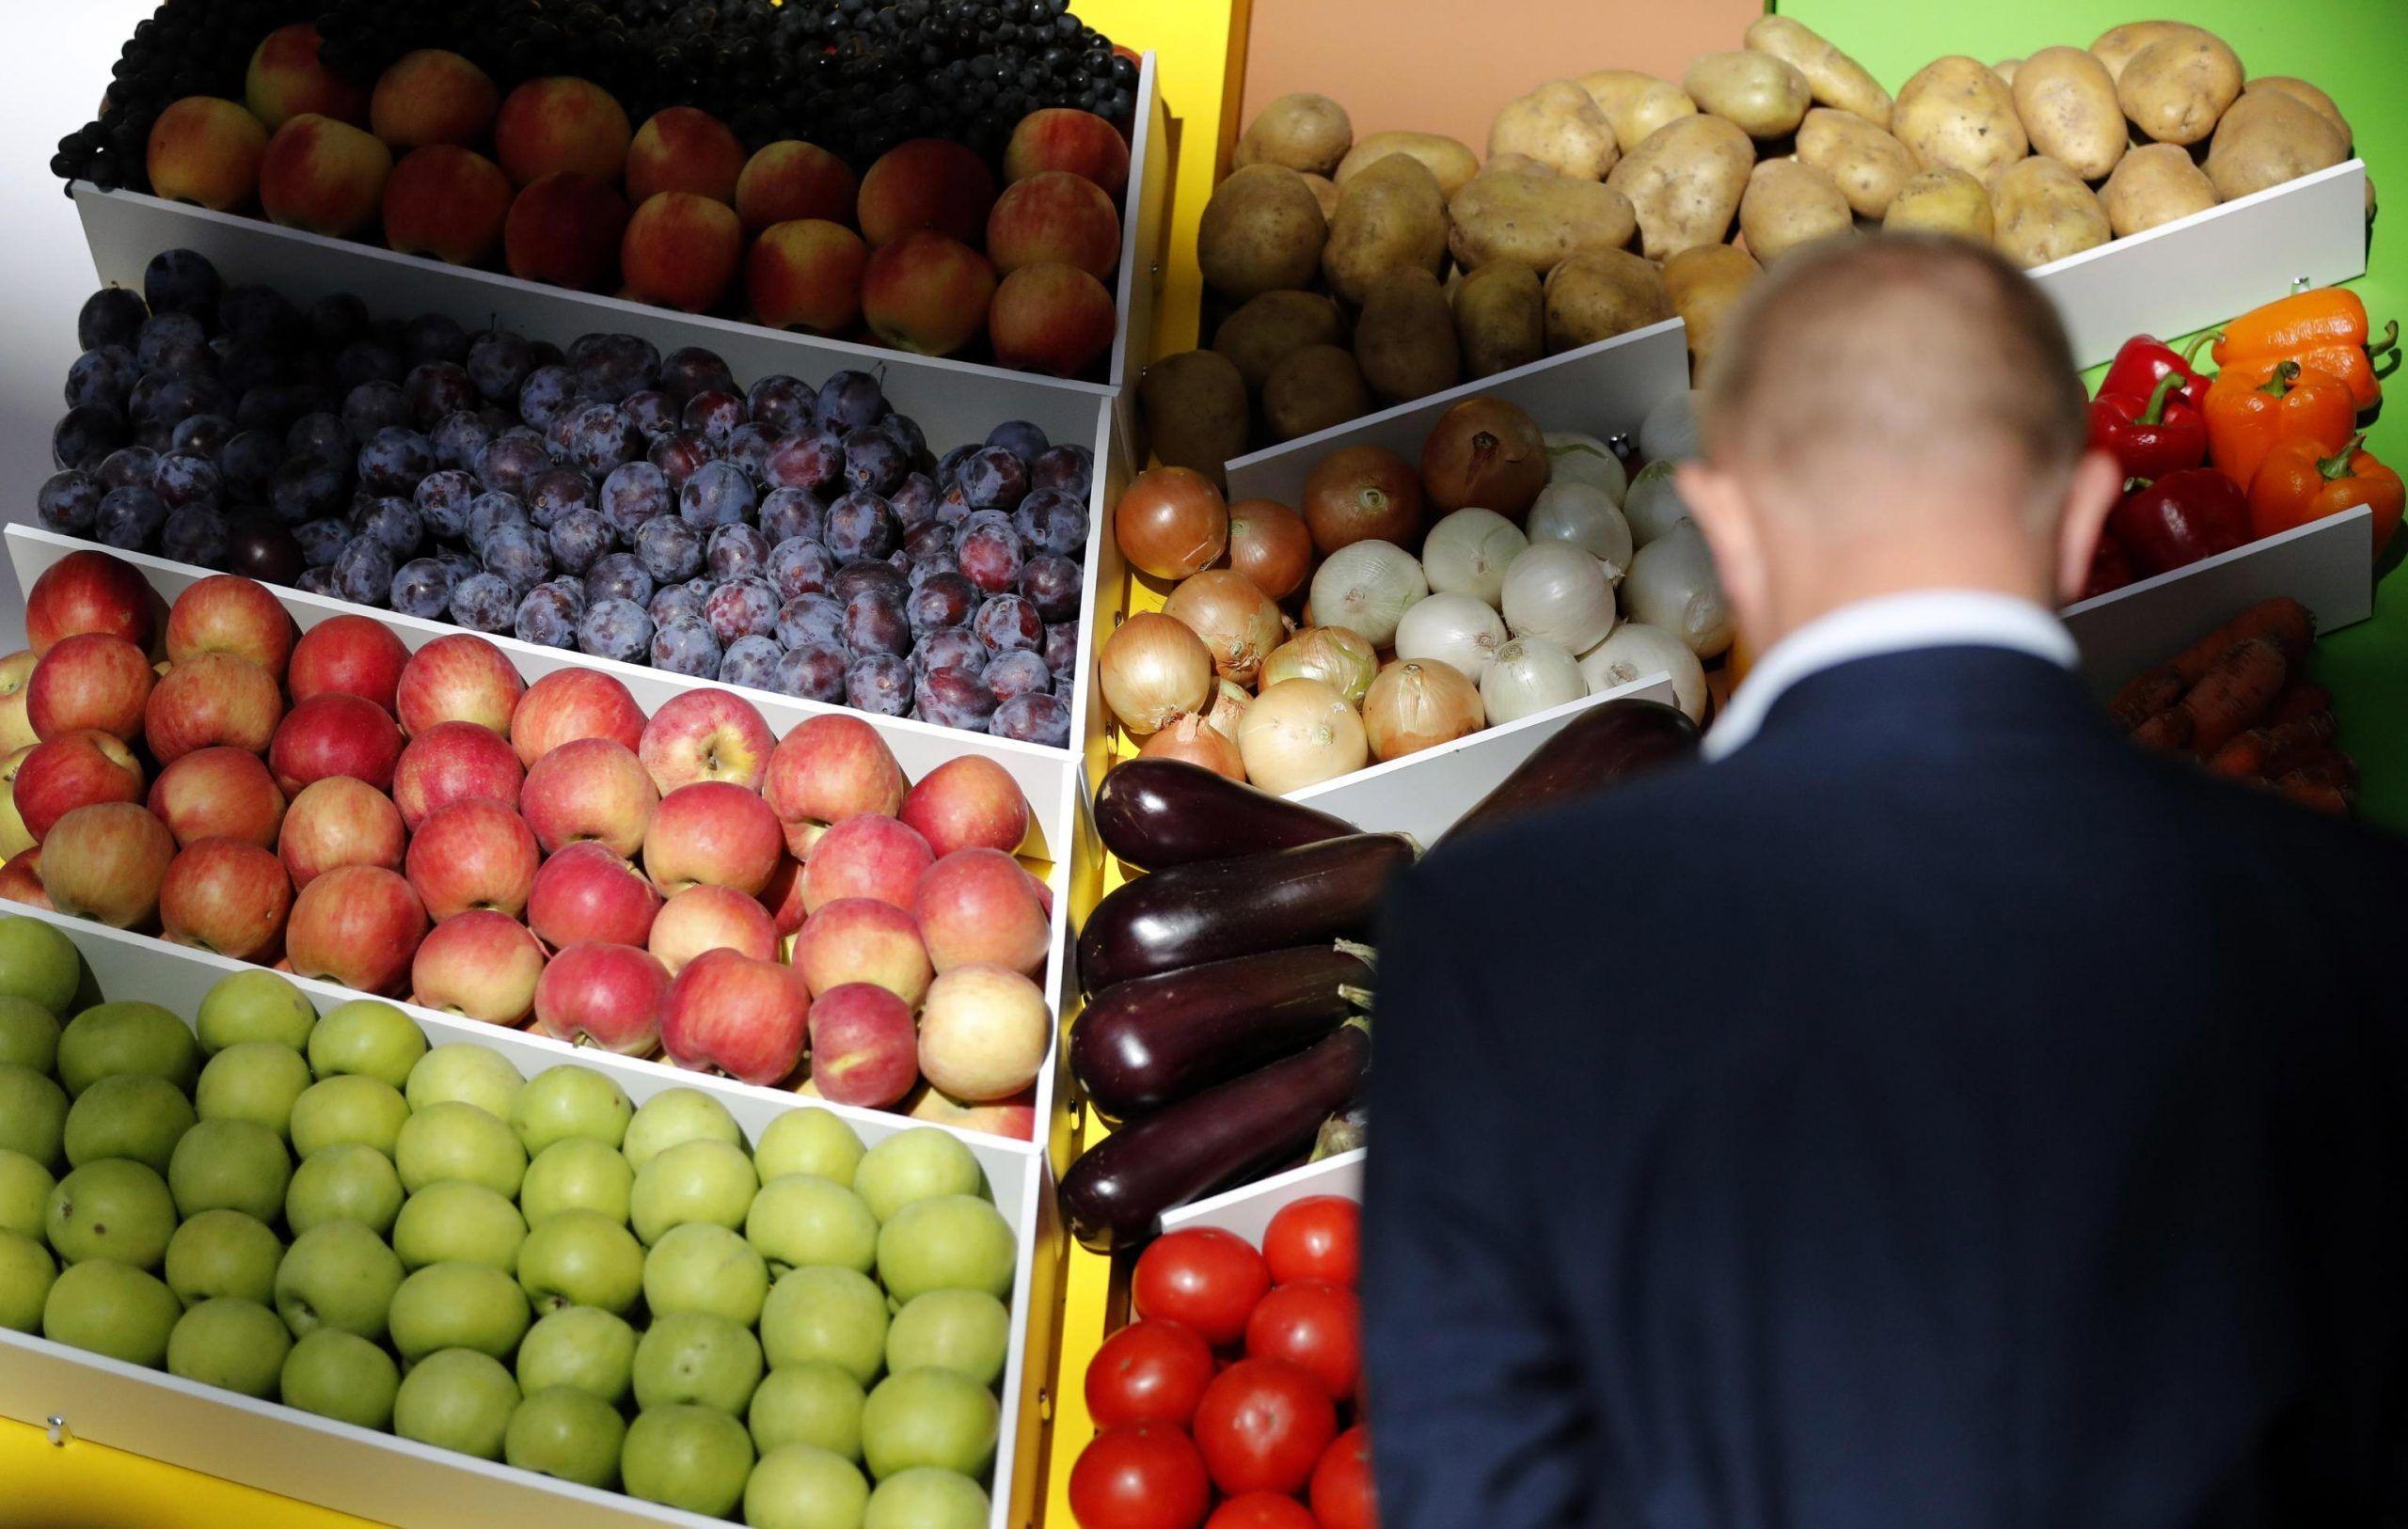 Le Iene e il sistema di riciclo dei prodotti scaduti dei supermercati